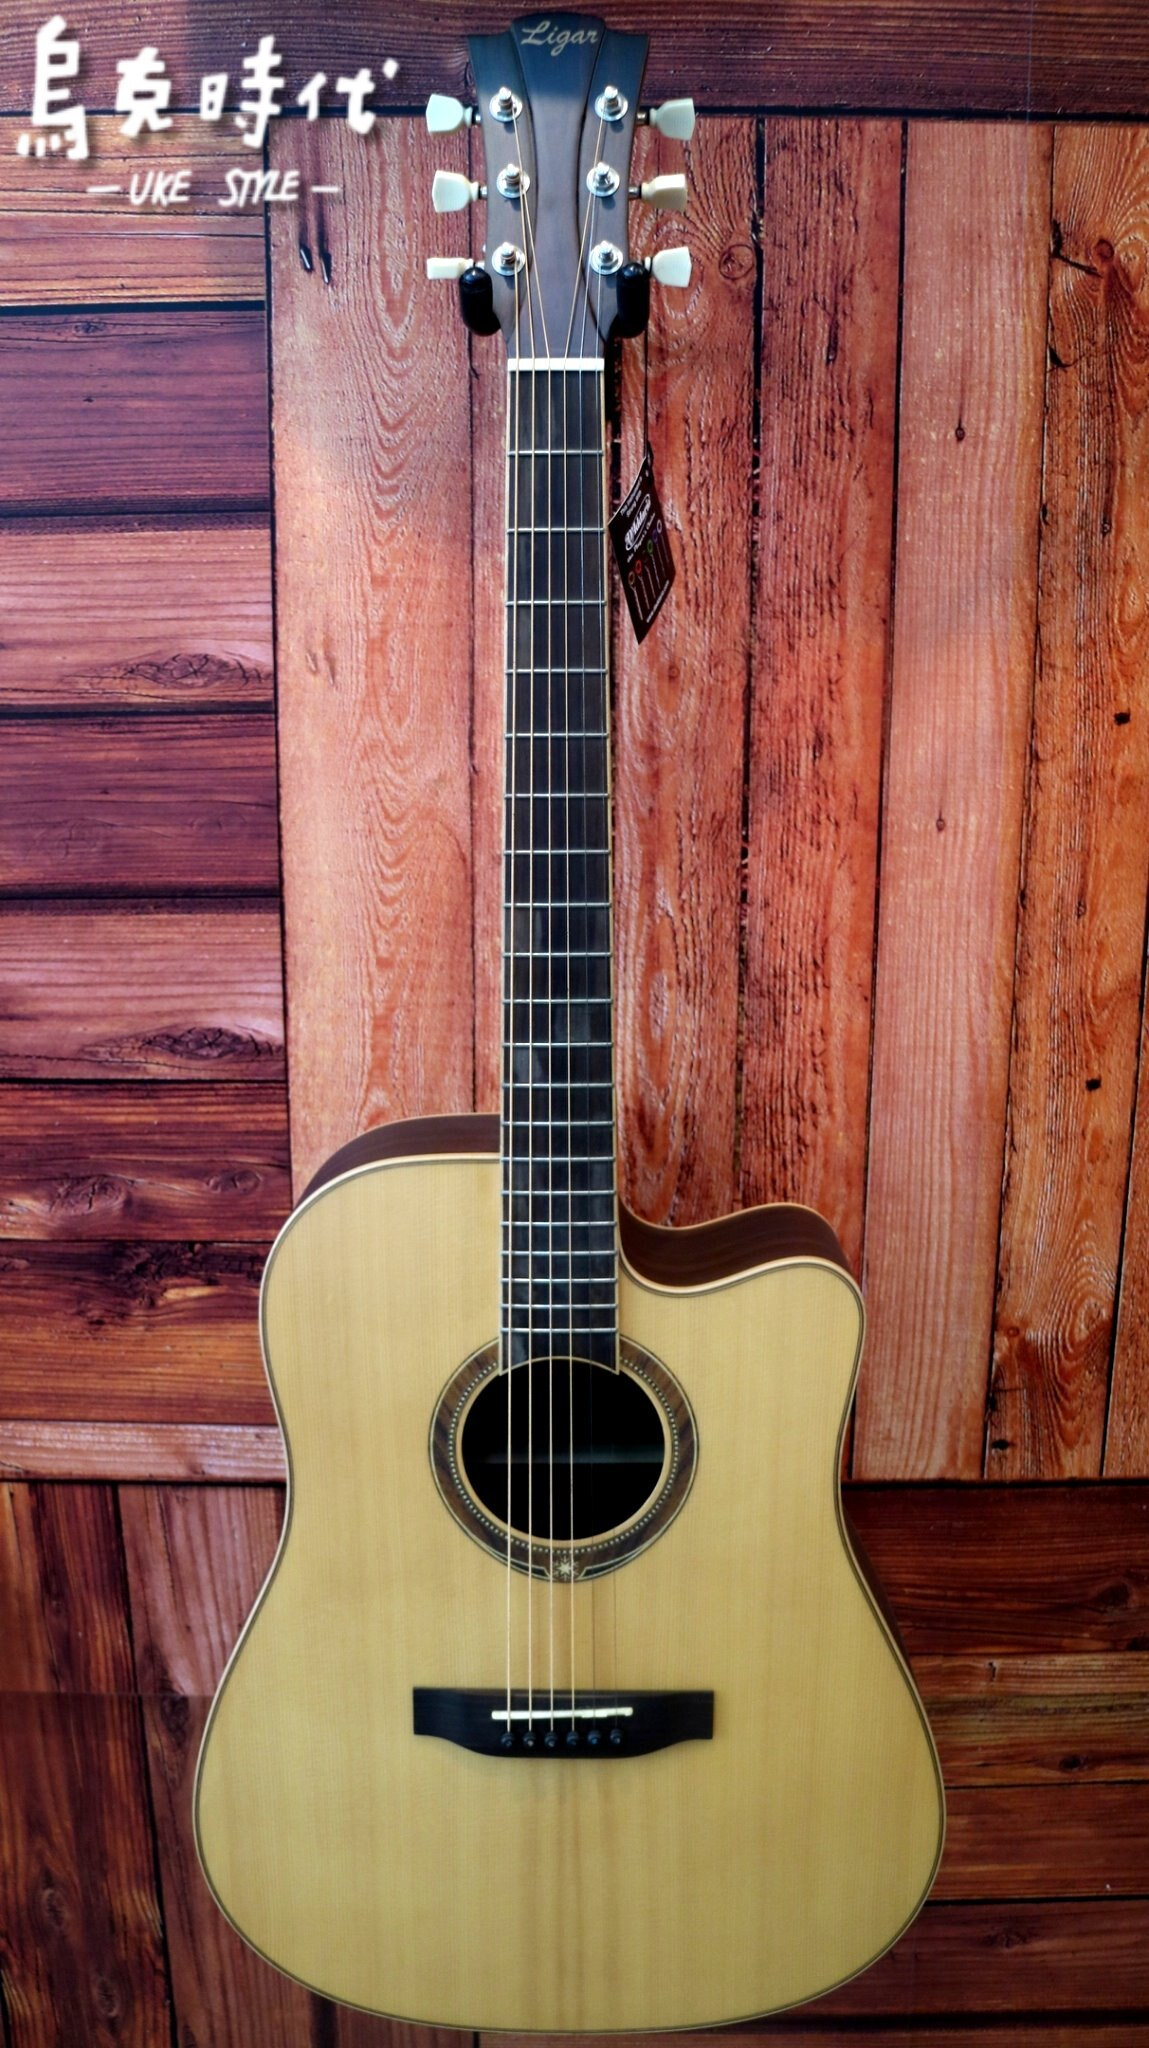 烏克時代~ Ligar 400DC面單板雲杉民謠吉他